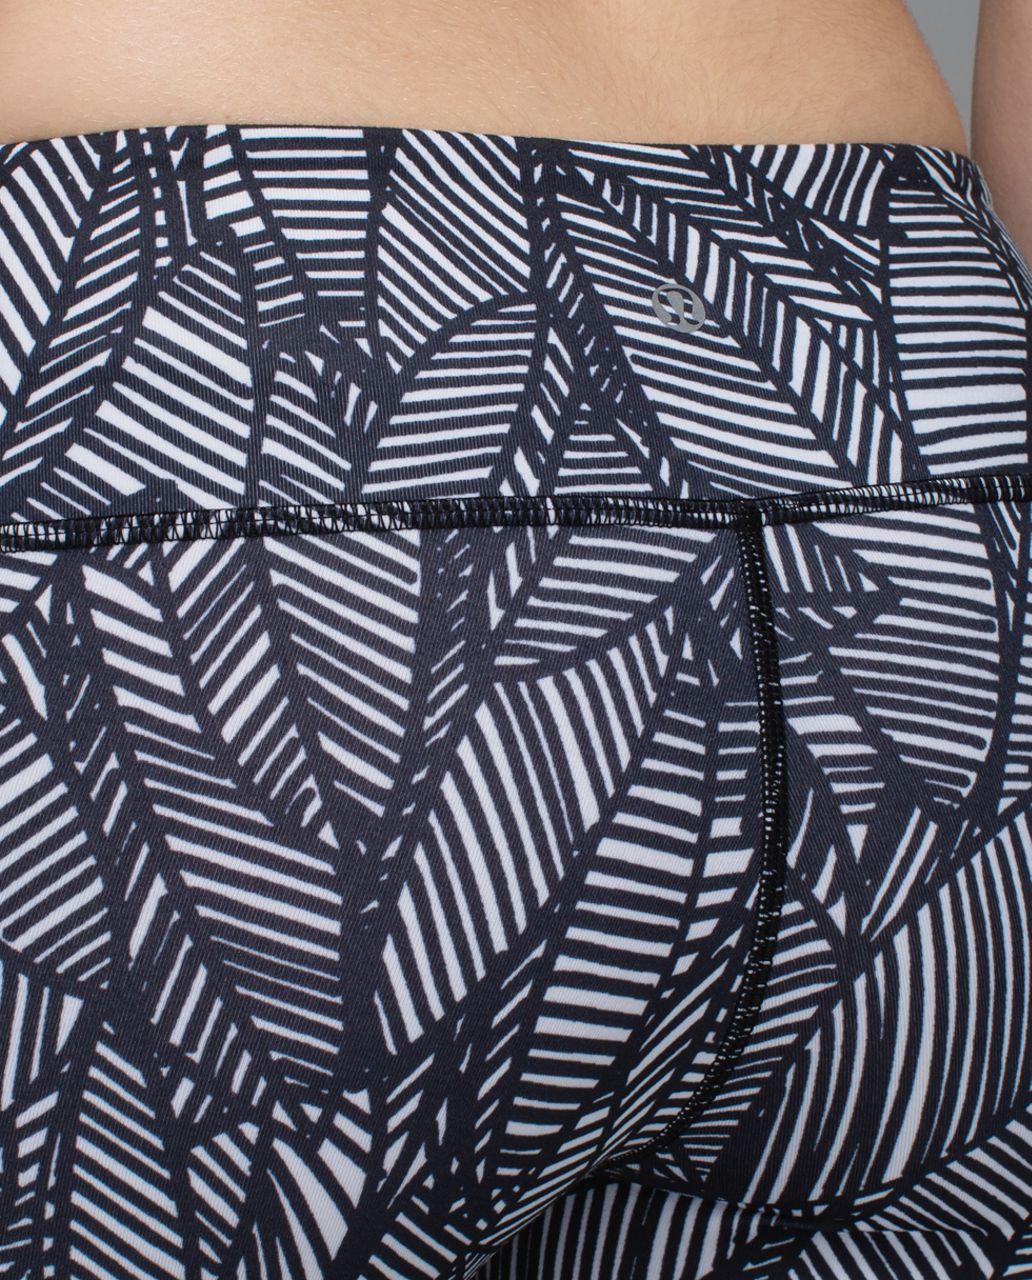 Lululemon Wunder Under Pant *Full-On Luon - Banana Leaf White Black